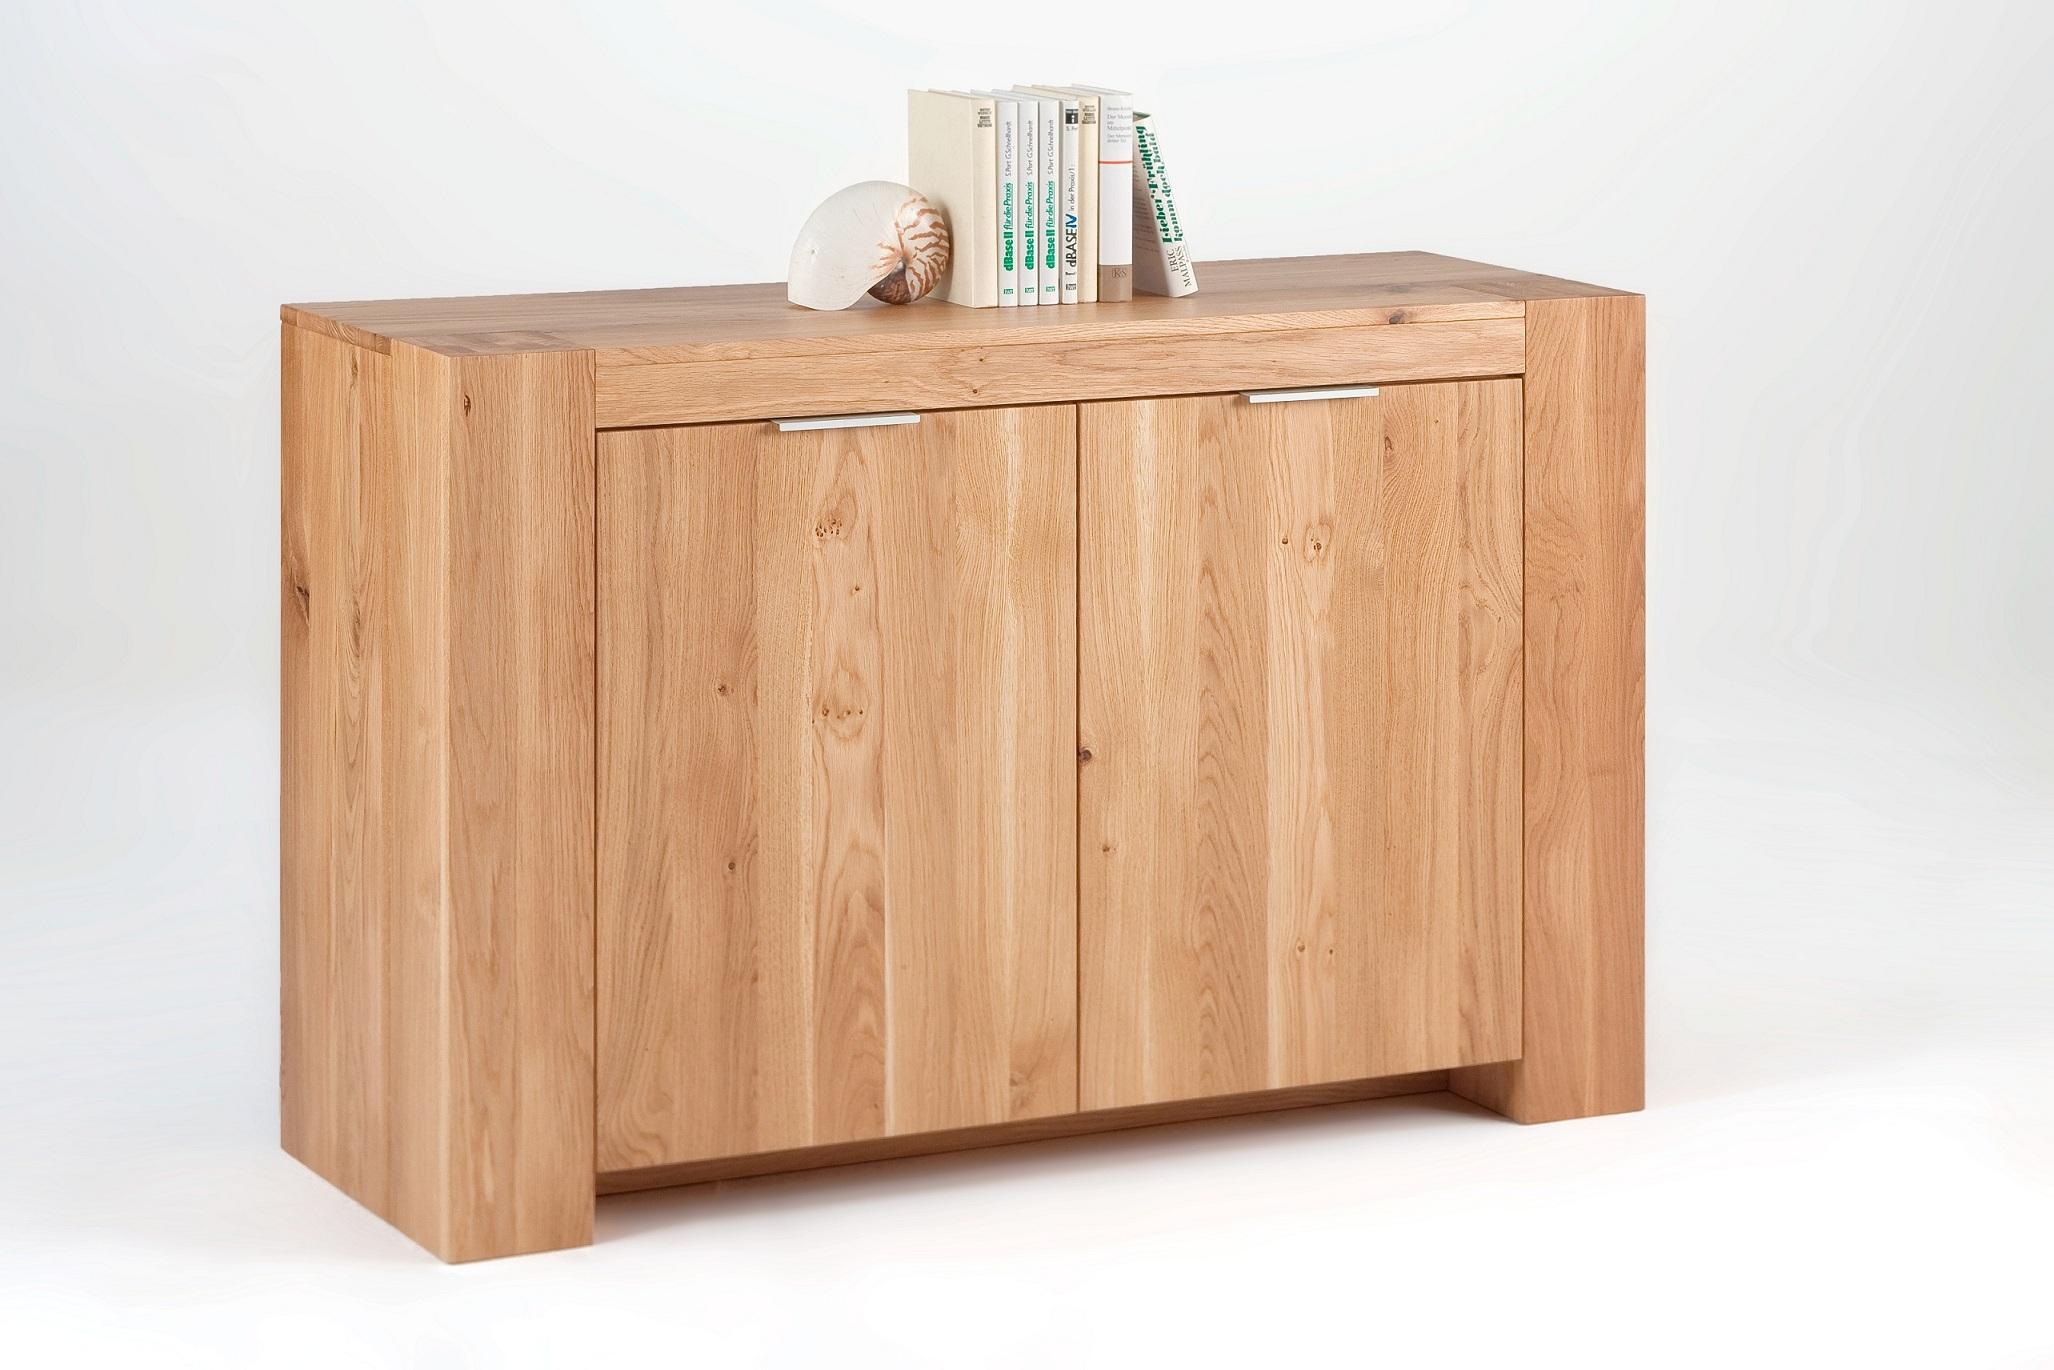 wohnzimmer sideboard g nstig kaufen. Black Bedroom Furniture Sets. Home Design Ideas